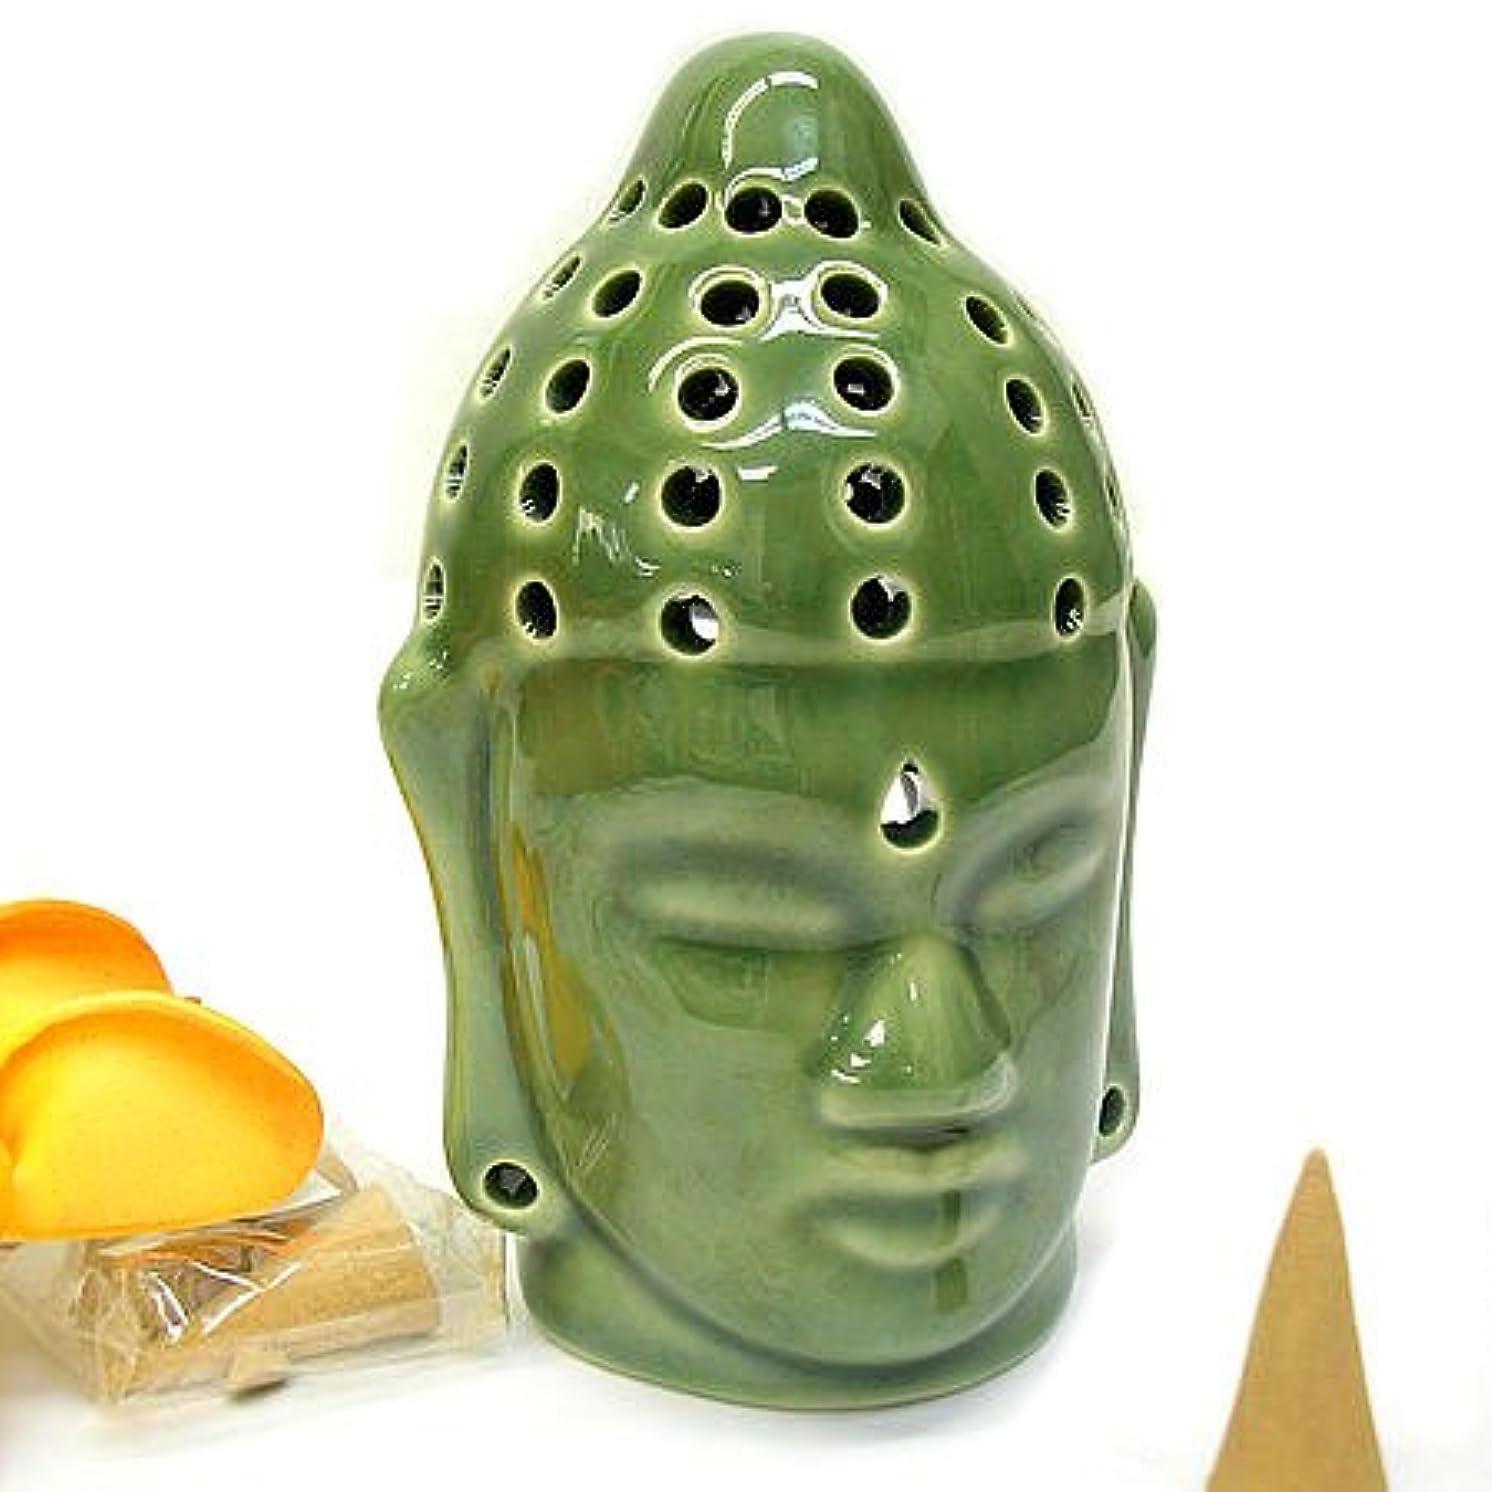 公平なバルセロナ回答仏陀の お香たて 香炉 コーン用 緑 インセンスホルダー コーン用 お香立て お香たて アジアン雑貨 バリ雑貨